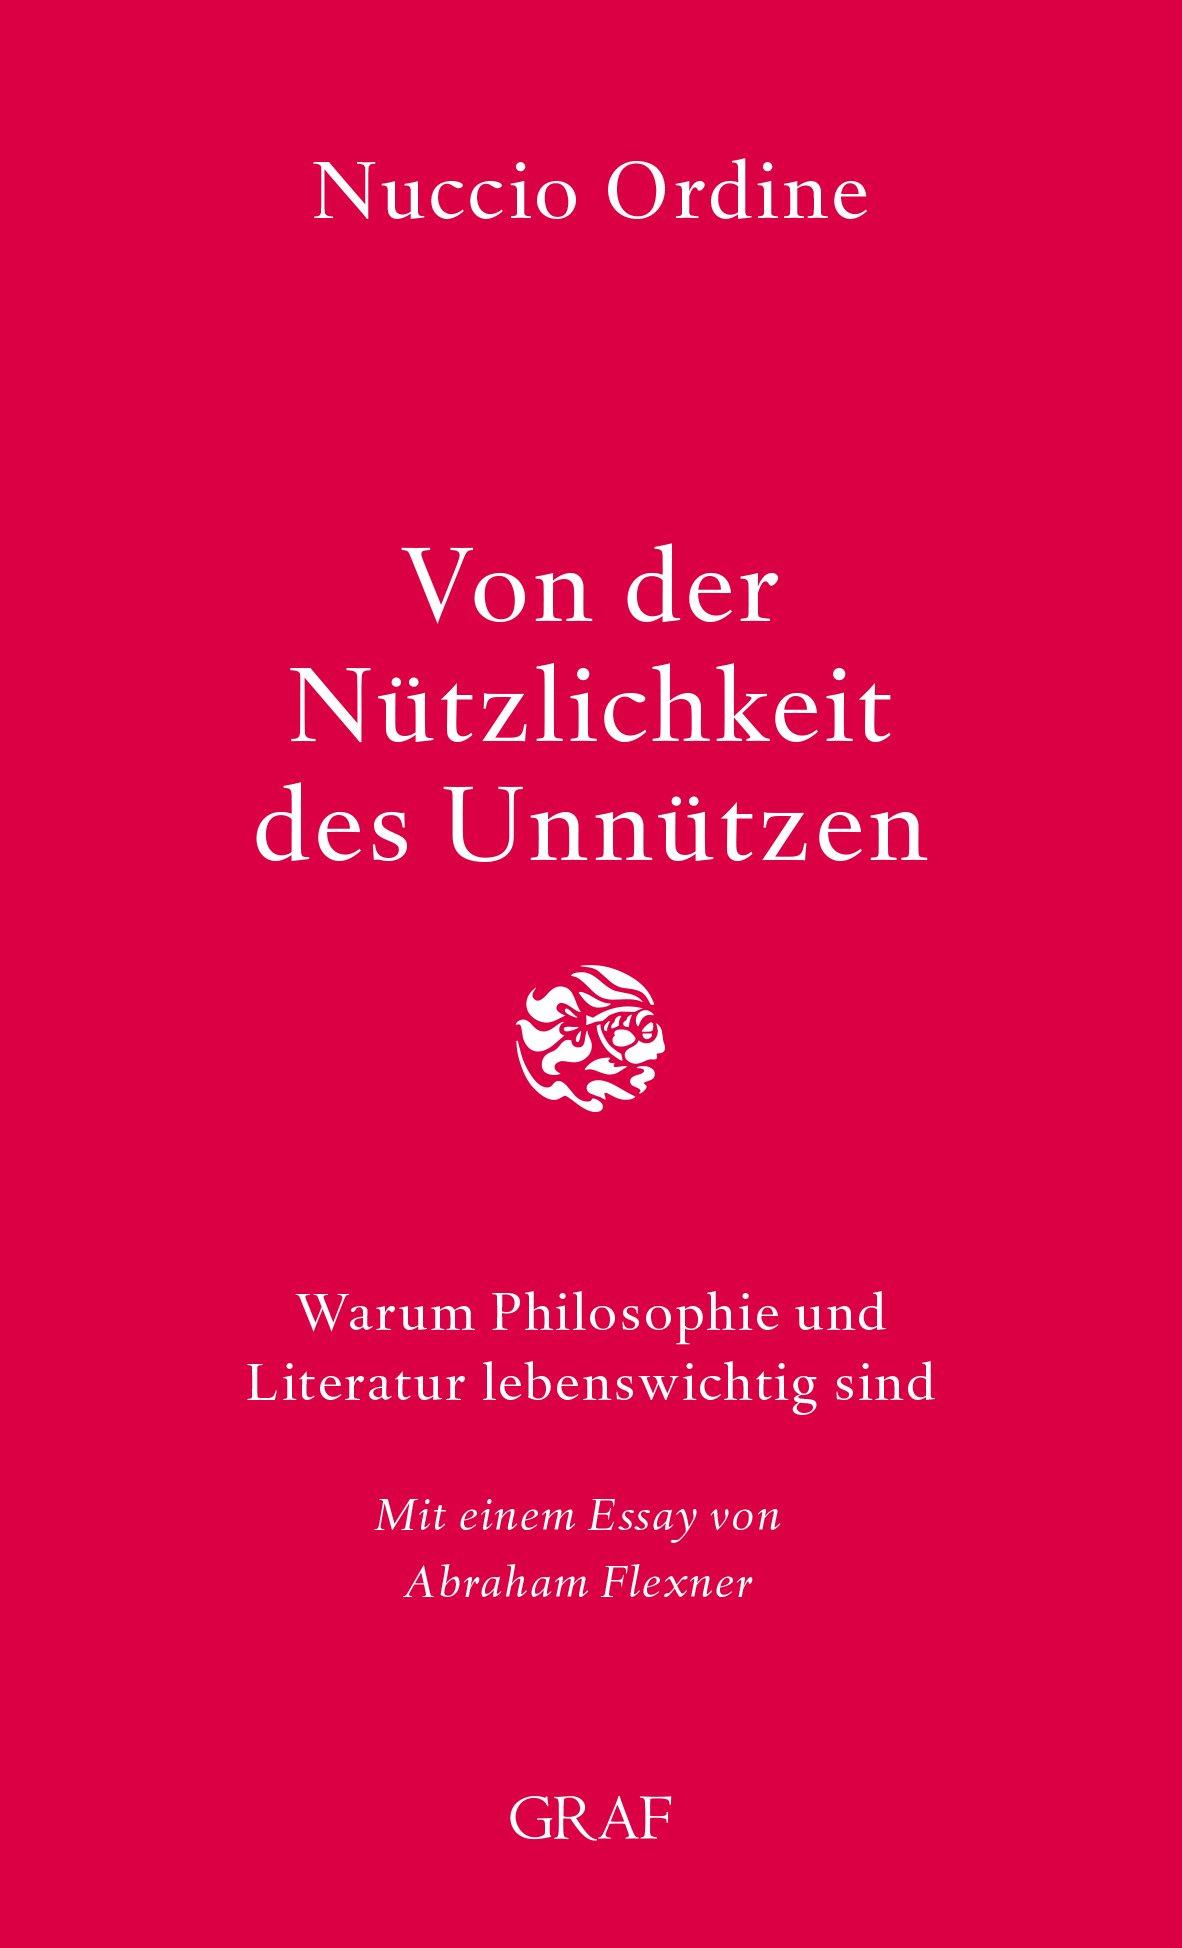 Von der Nützlichkeit des Unnützen: Warum Philosophie und Literatur lebenswichtig sind